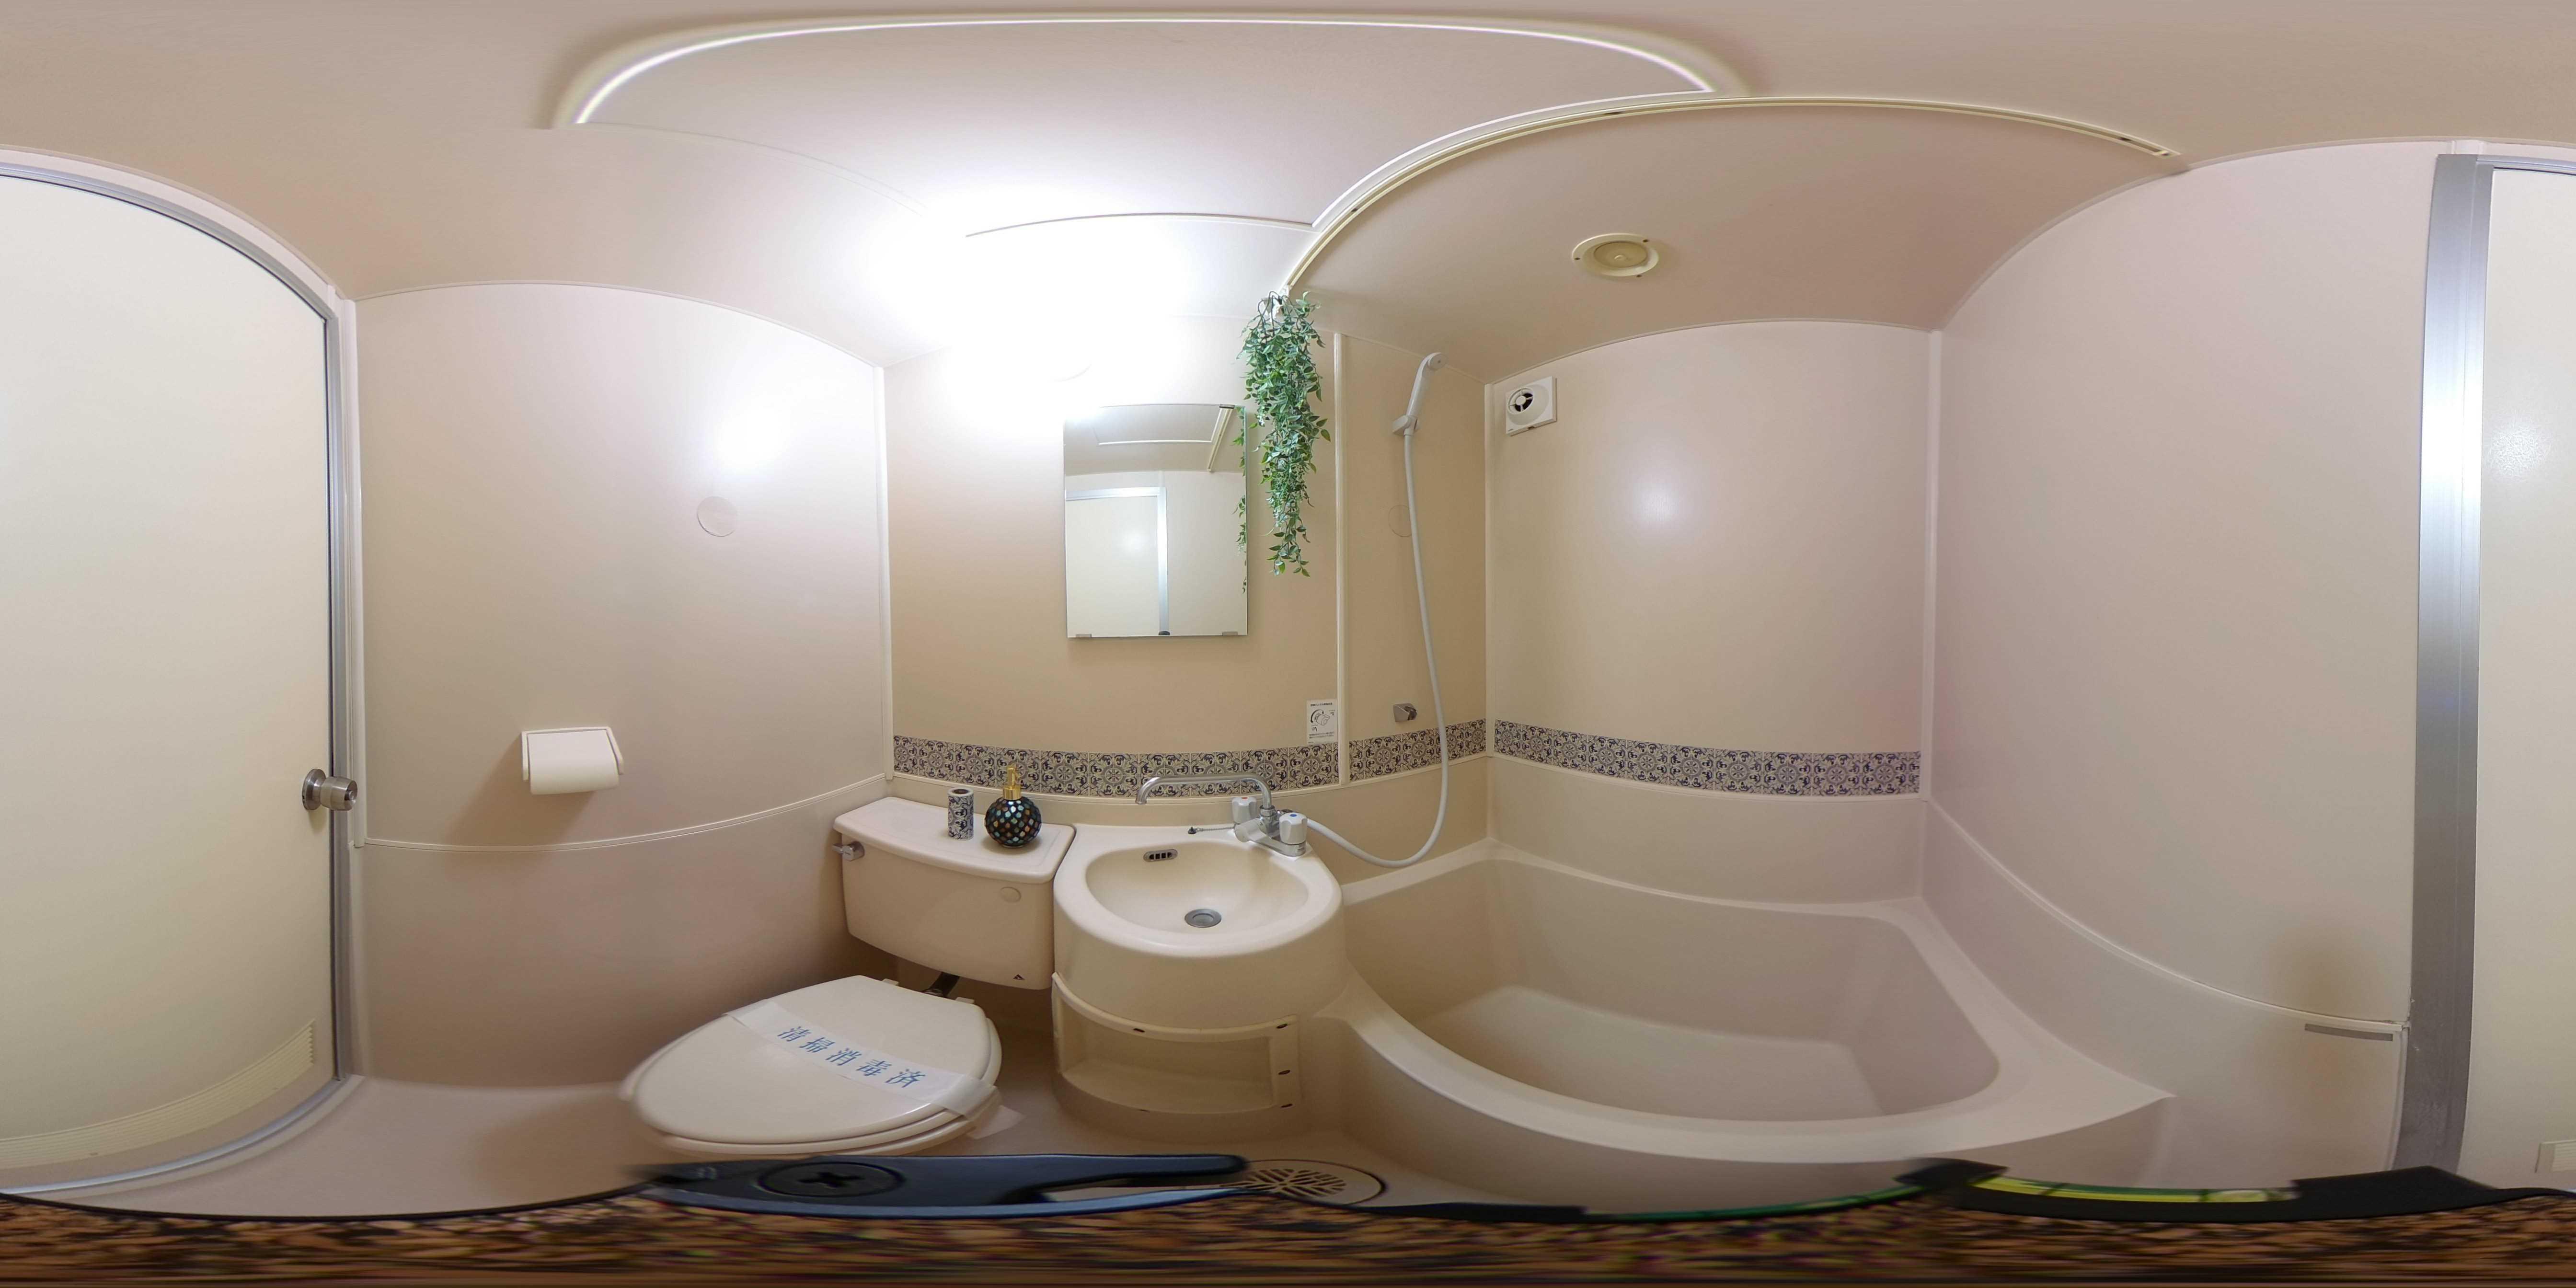 オウルハウス 洗面所